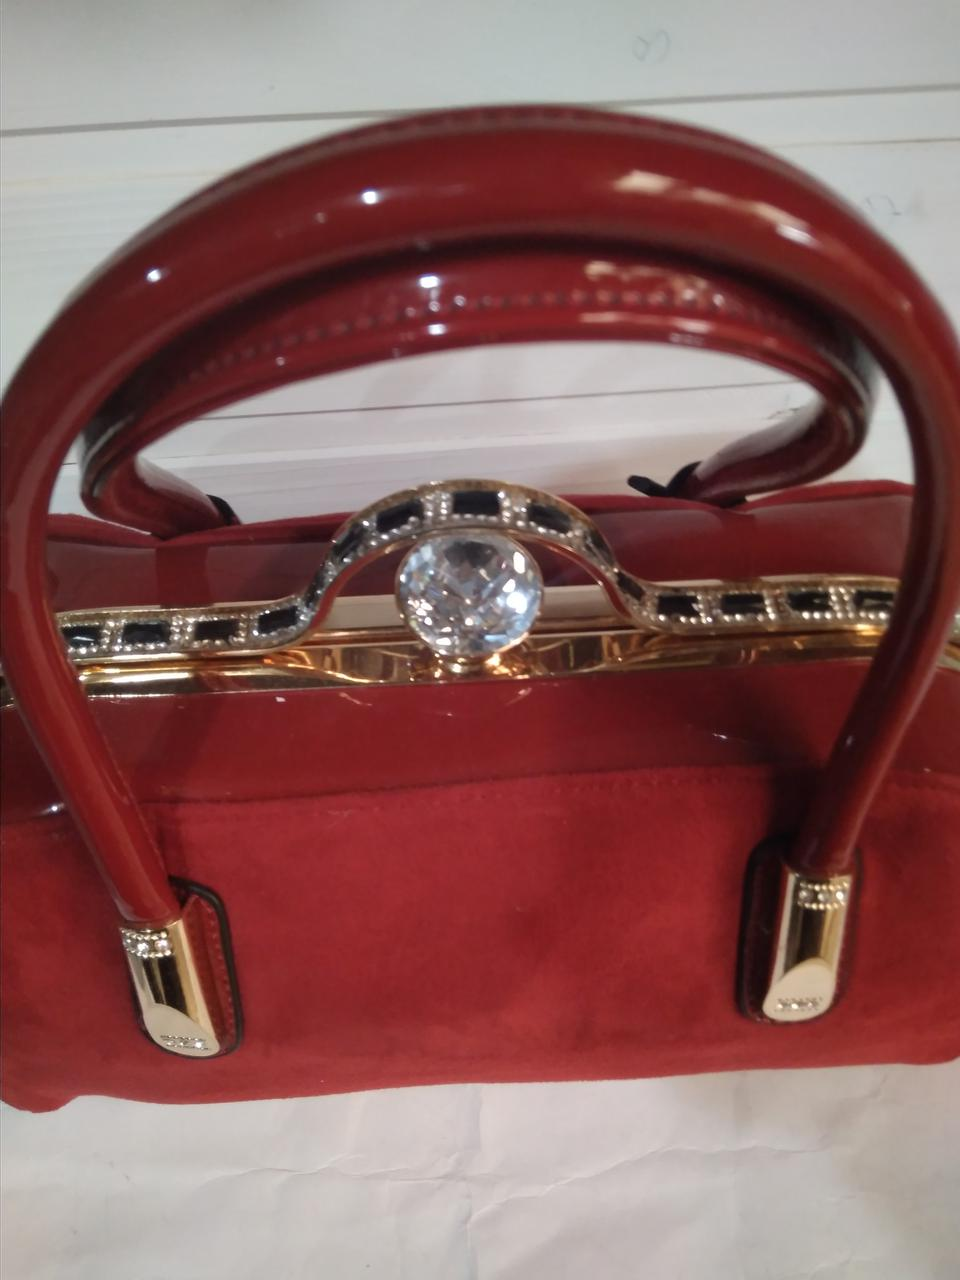 d16d3ee038ec Женская сумка с жестким каркасом внутри и застежкой типа